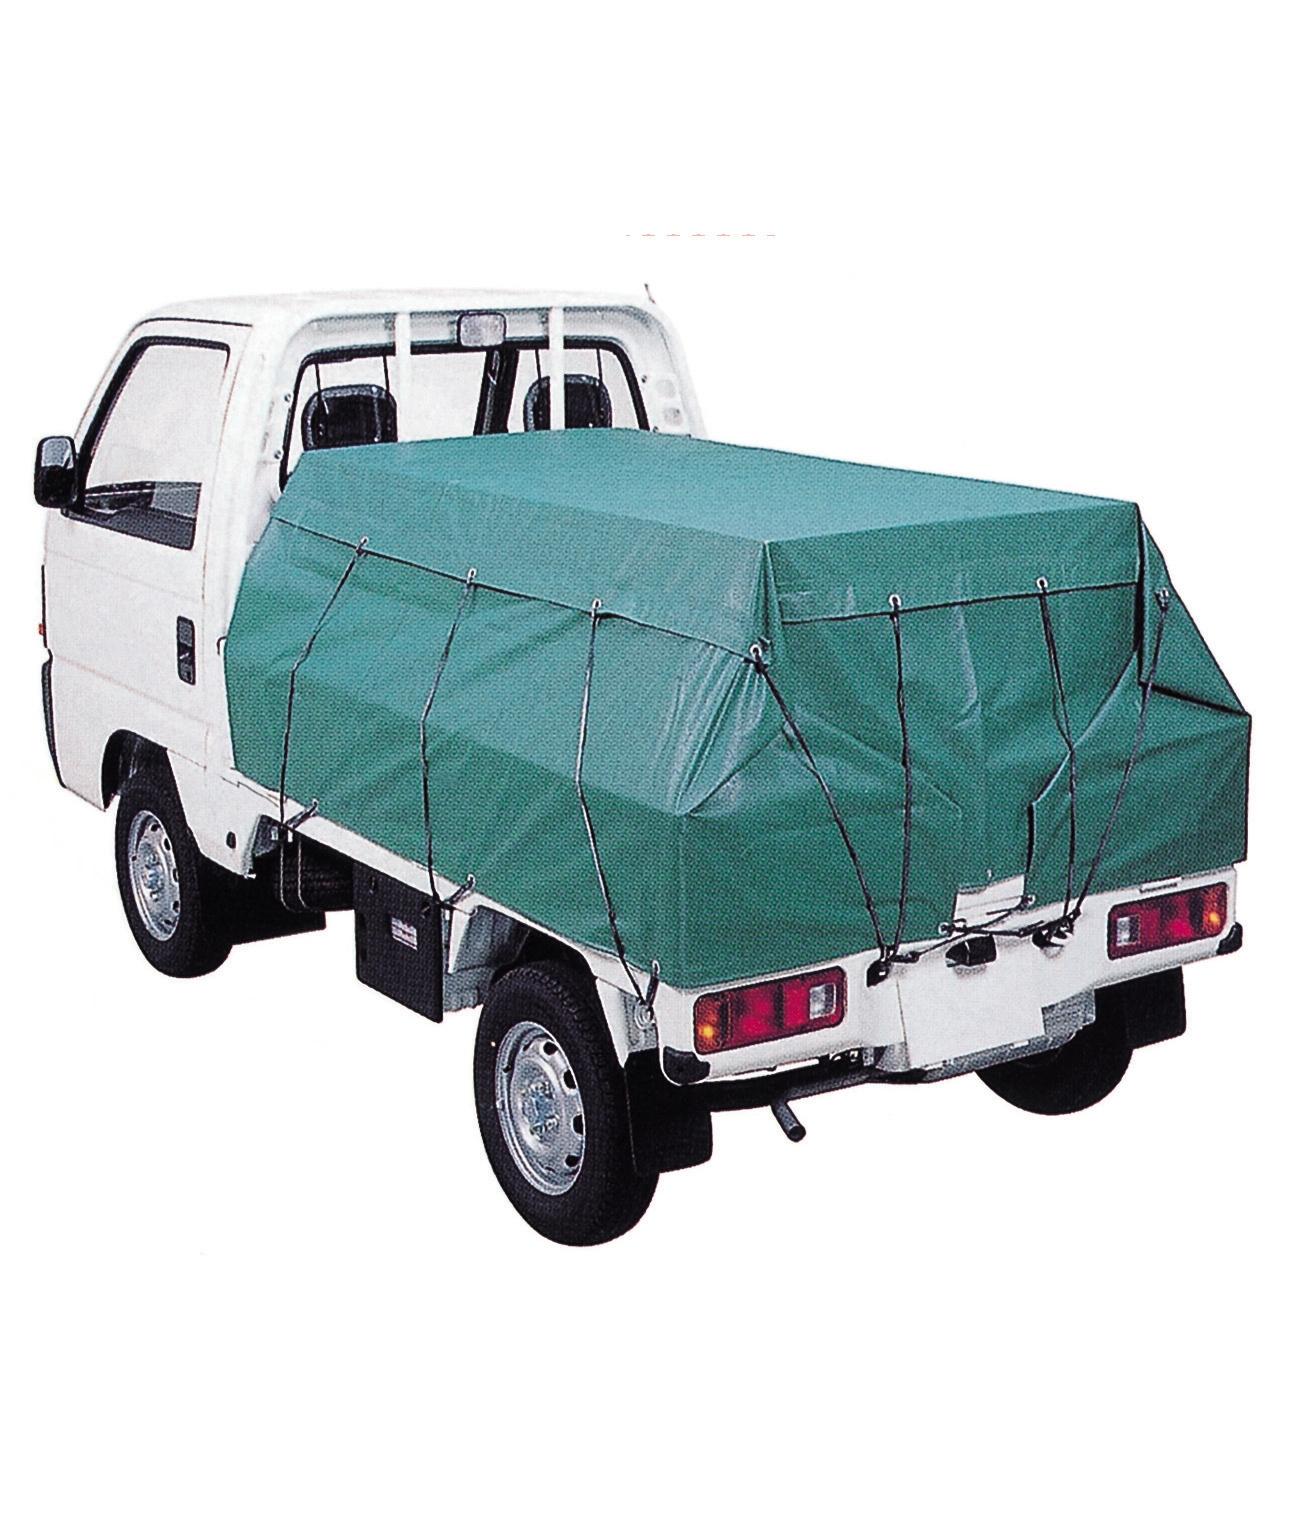 トラックシート3号(軽トラック用 グリーン) 送料無料!(2.5m×2.6m ゴムバンド20本付 20枚/セット)